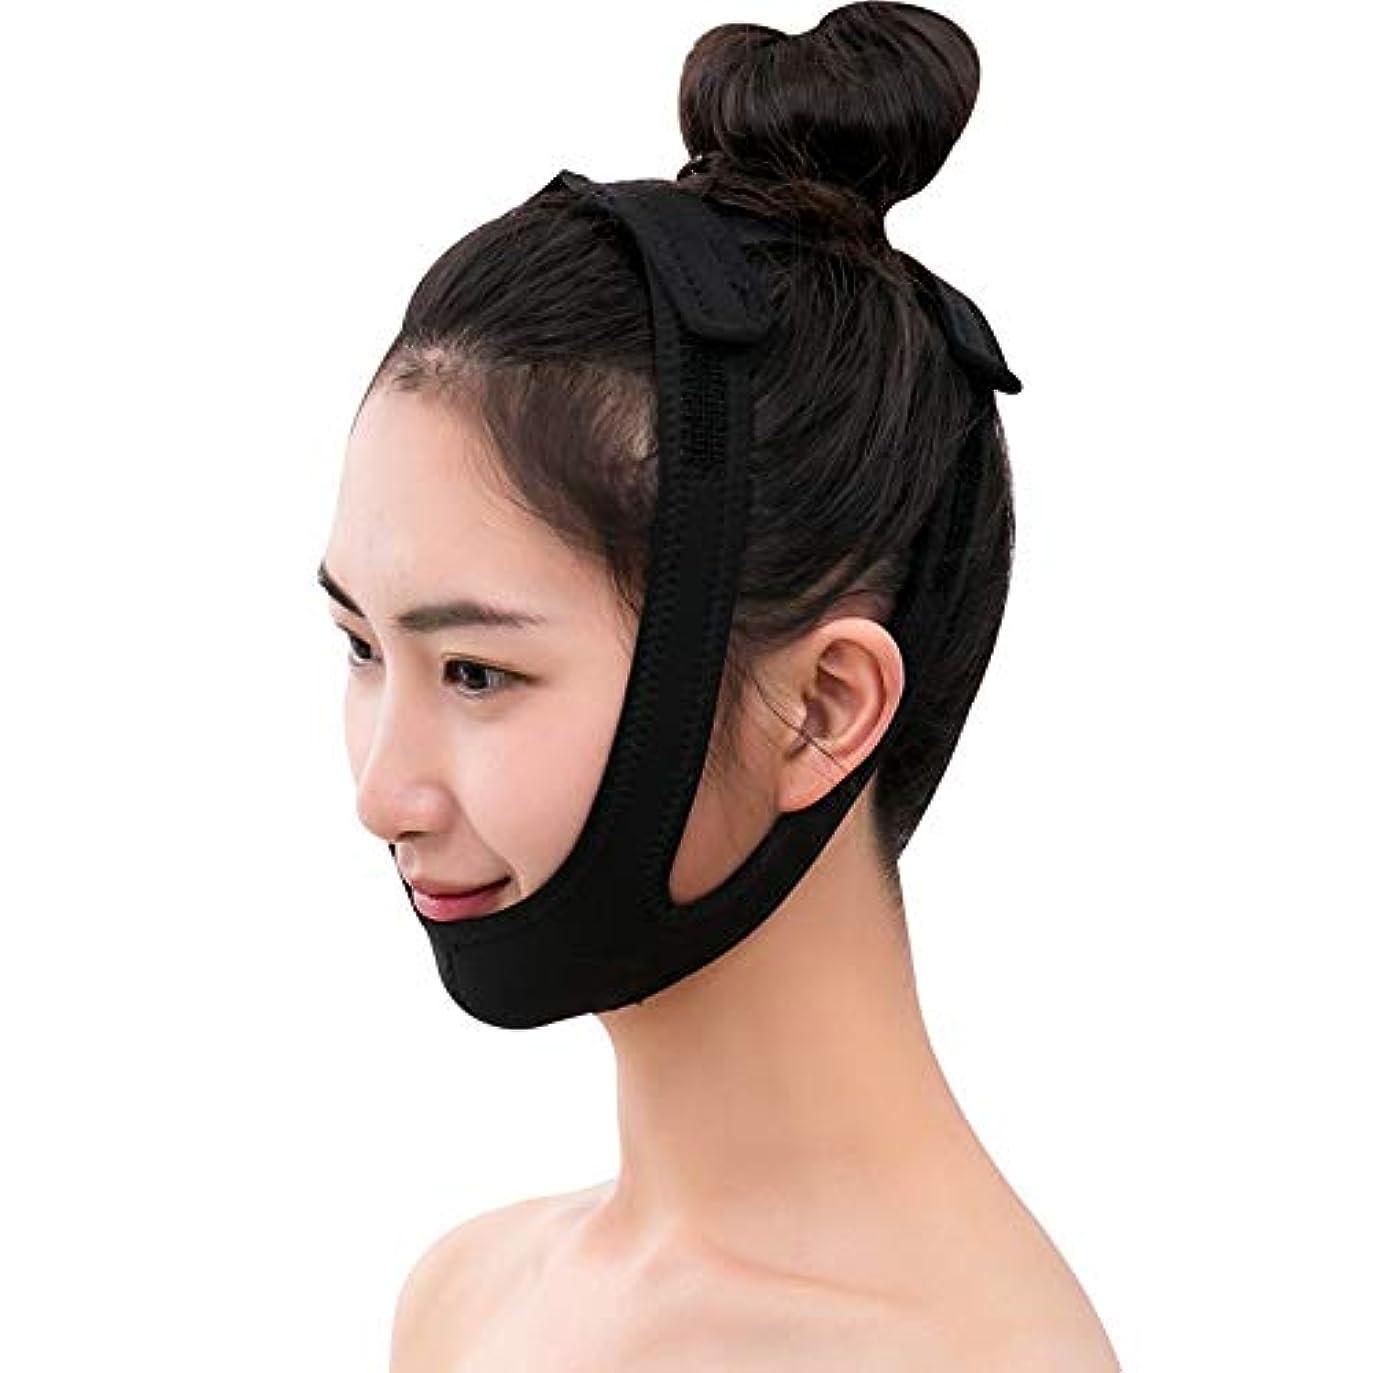 香ばしい抑圧調整Jia He 軽量 薄いフェイスバンド - 薄い顔の包帯ビューティーインストゥルメントフェイシャルリフト睡眠マスク法Vフェイスマスクの通気性を作る ##